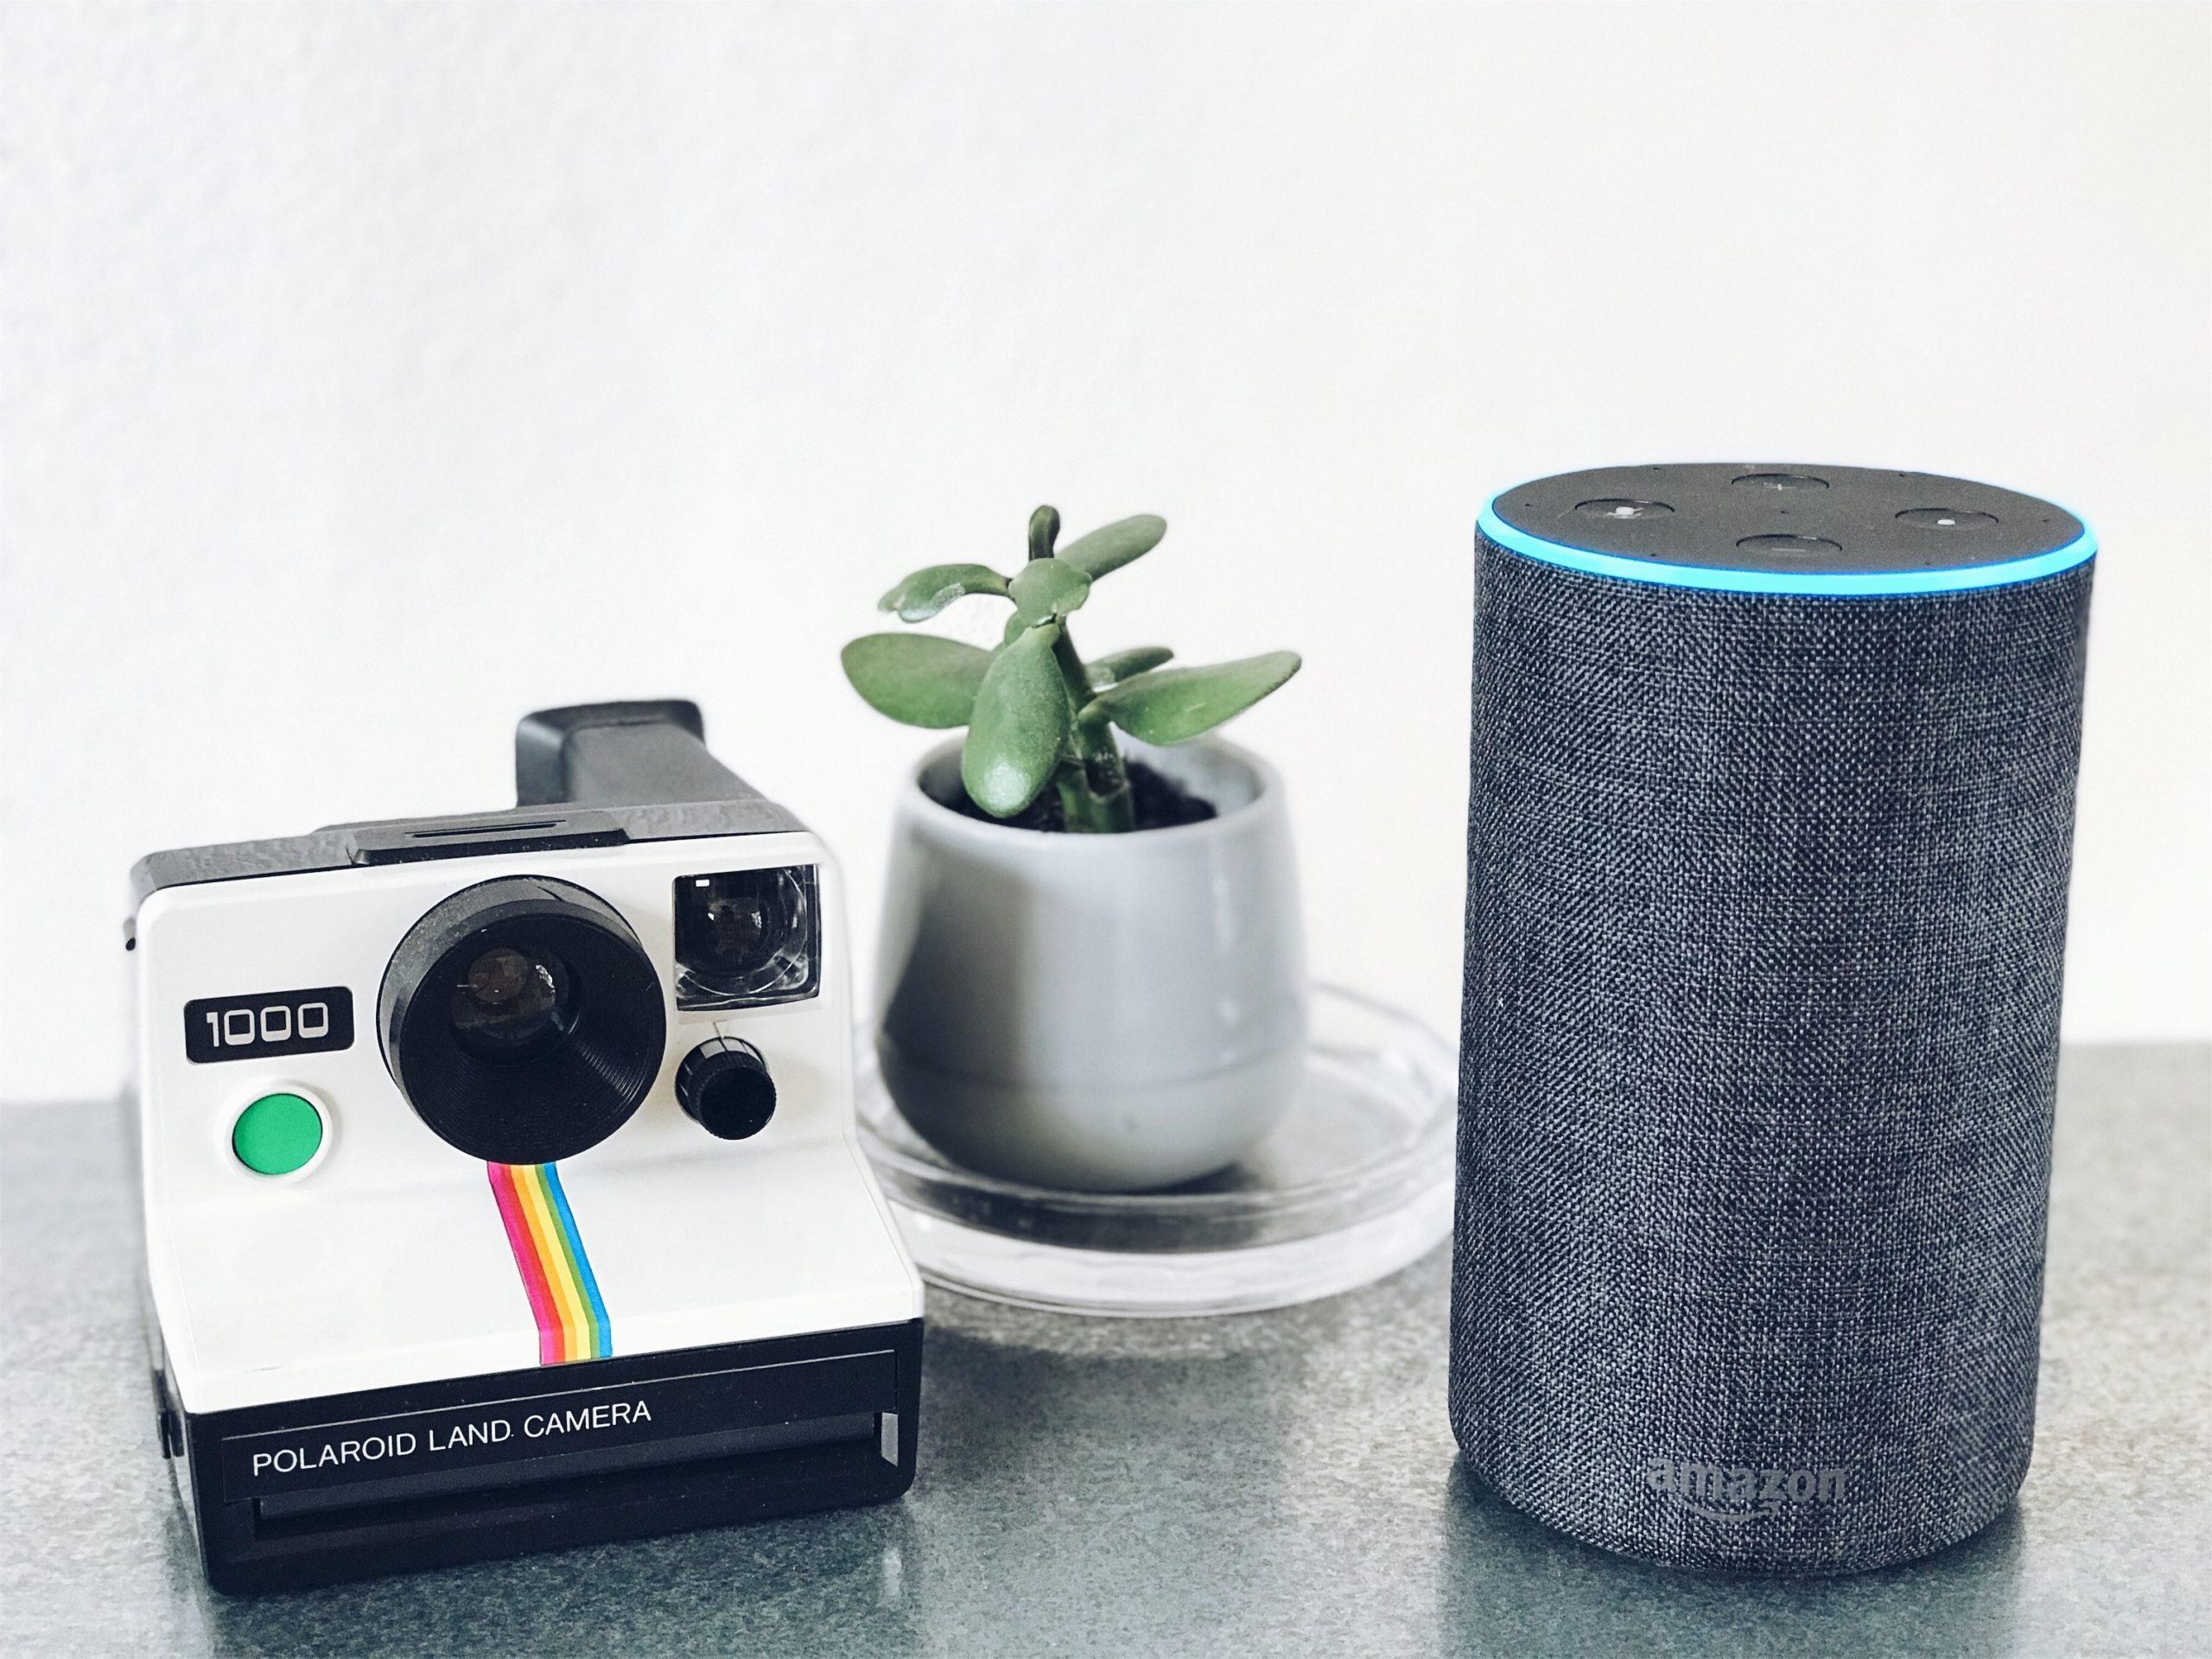 2020年アマゾン(Amazon)タイムセール祭りの目玉商品や攻略法は?